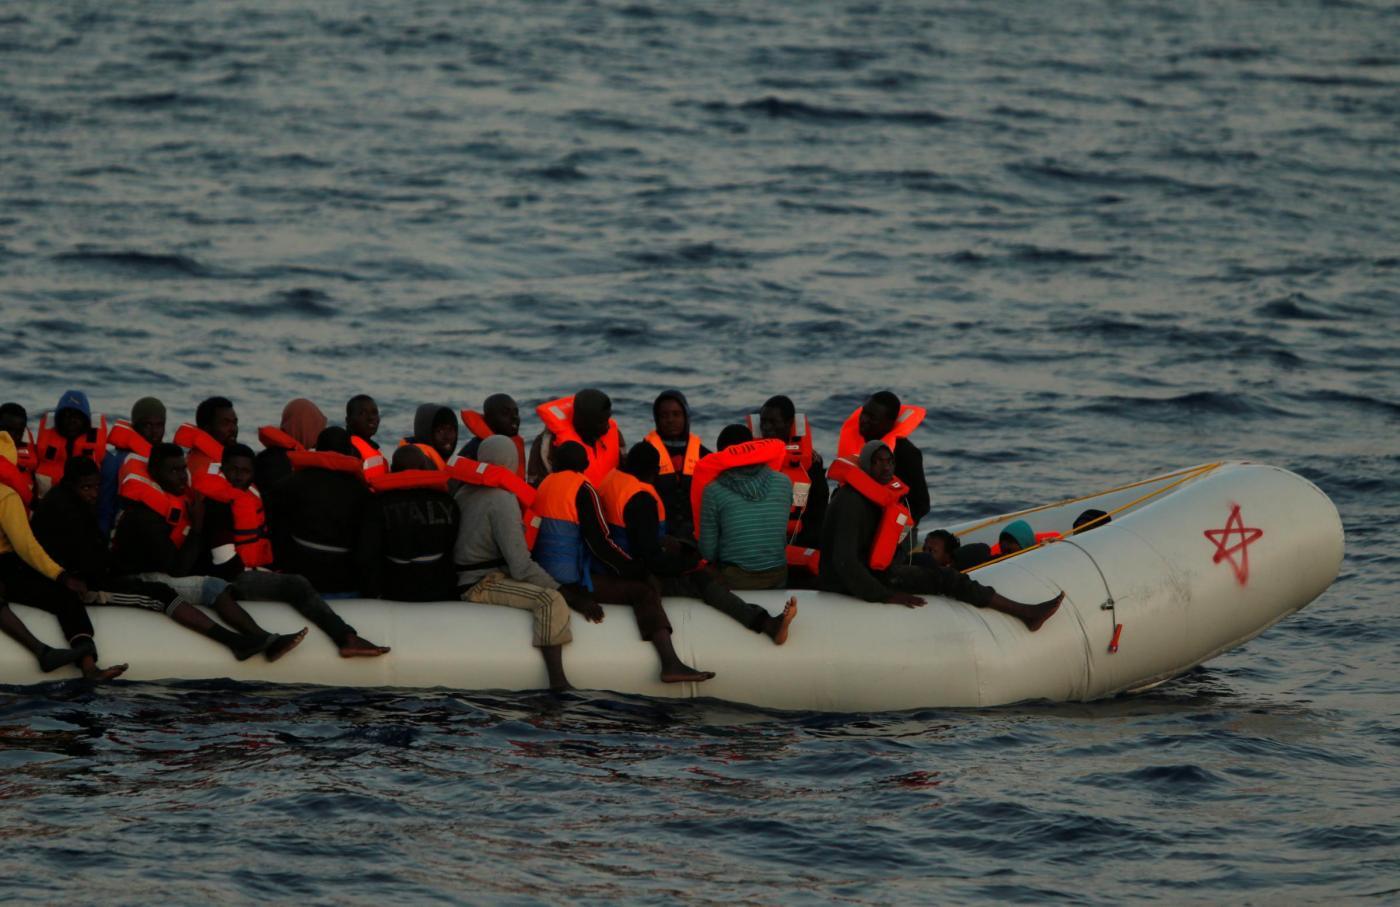 Migranti e Ong, Frontex accusa: 'Contatti coi trafficanti'. La replica: 'Basta fango'